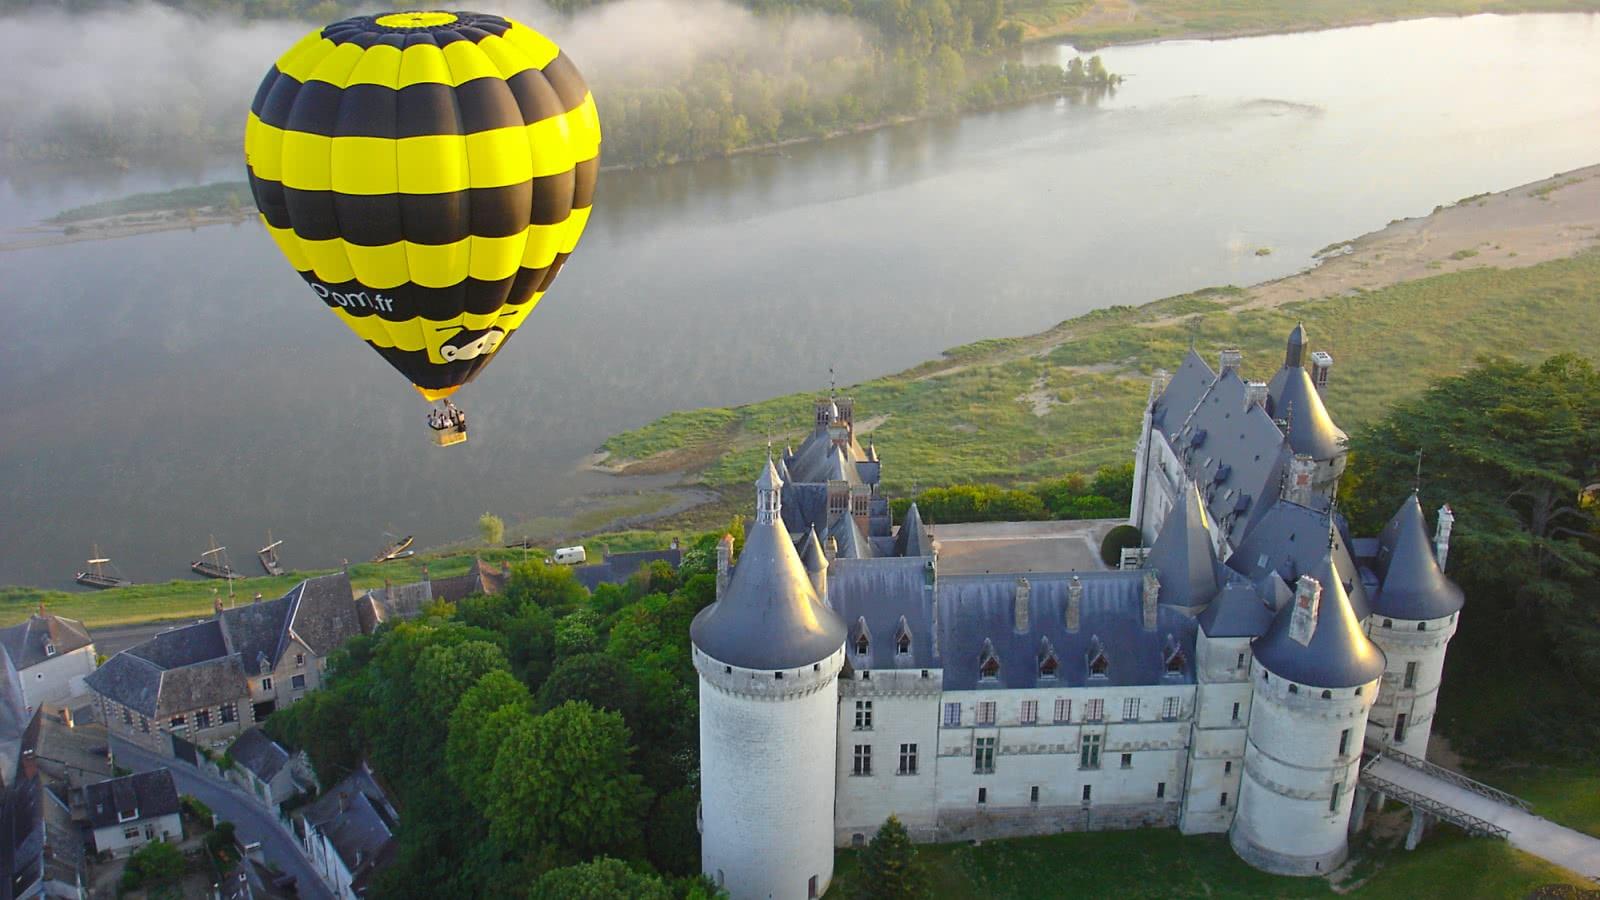 Vol en montgolfière au-dessus du château de Chaumont-sur-Loire - Vacances insolites en Loir-et-Cher Val de Loire ©Aerocom